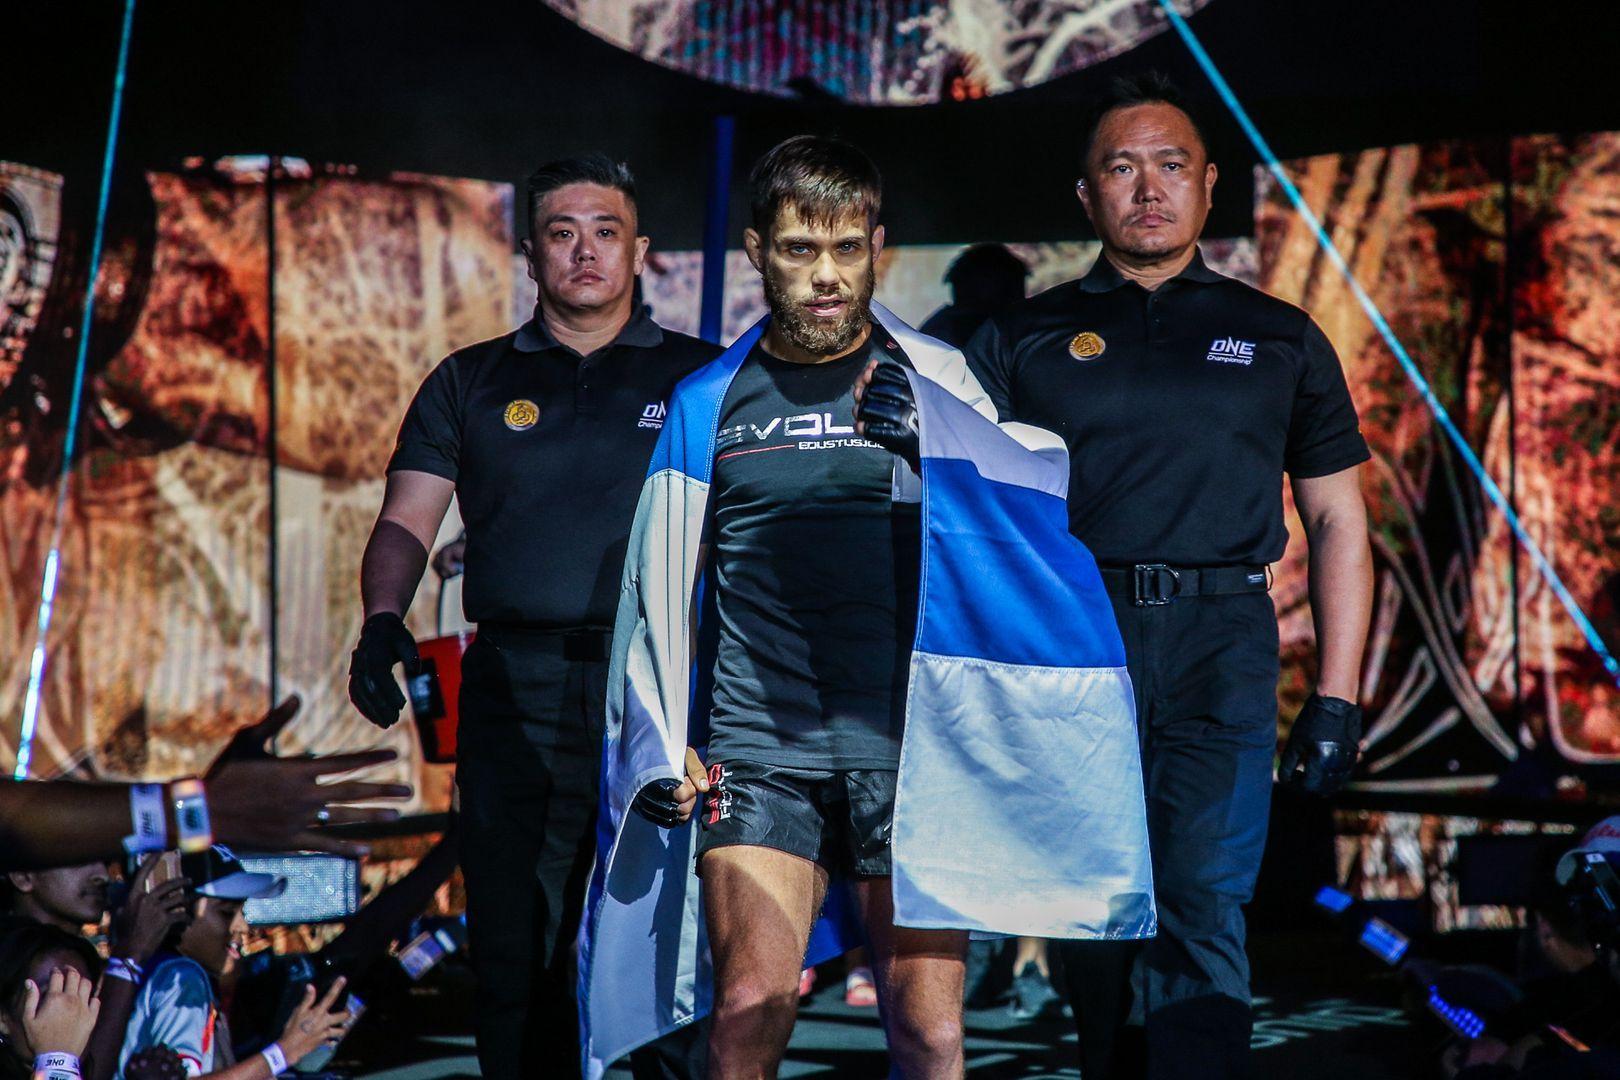 Aleksi Toivonen's walkout to face Akihiro Fujisawa at ONE: MASTERS OF DESTINY